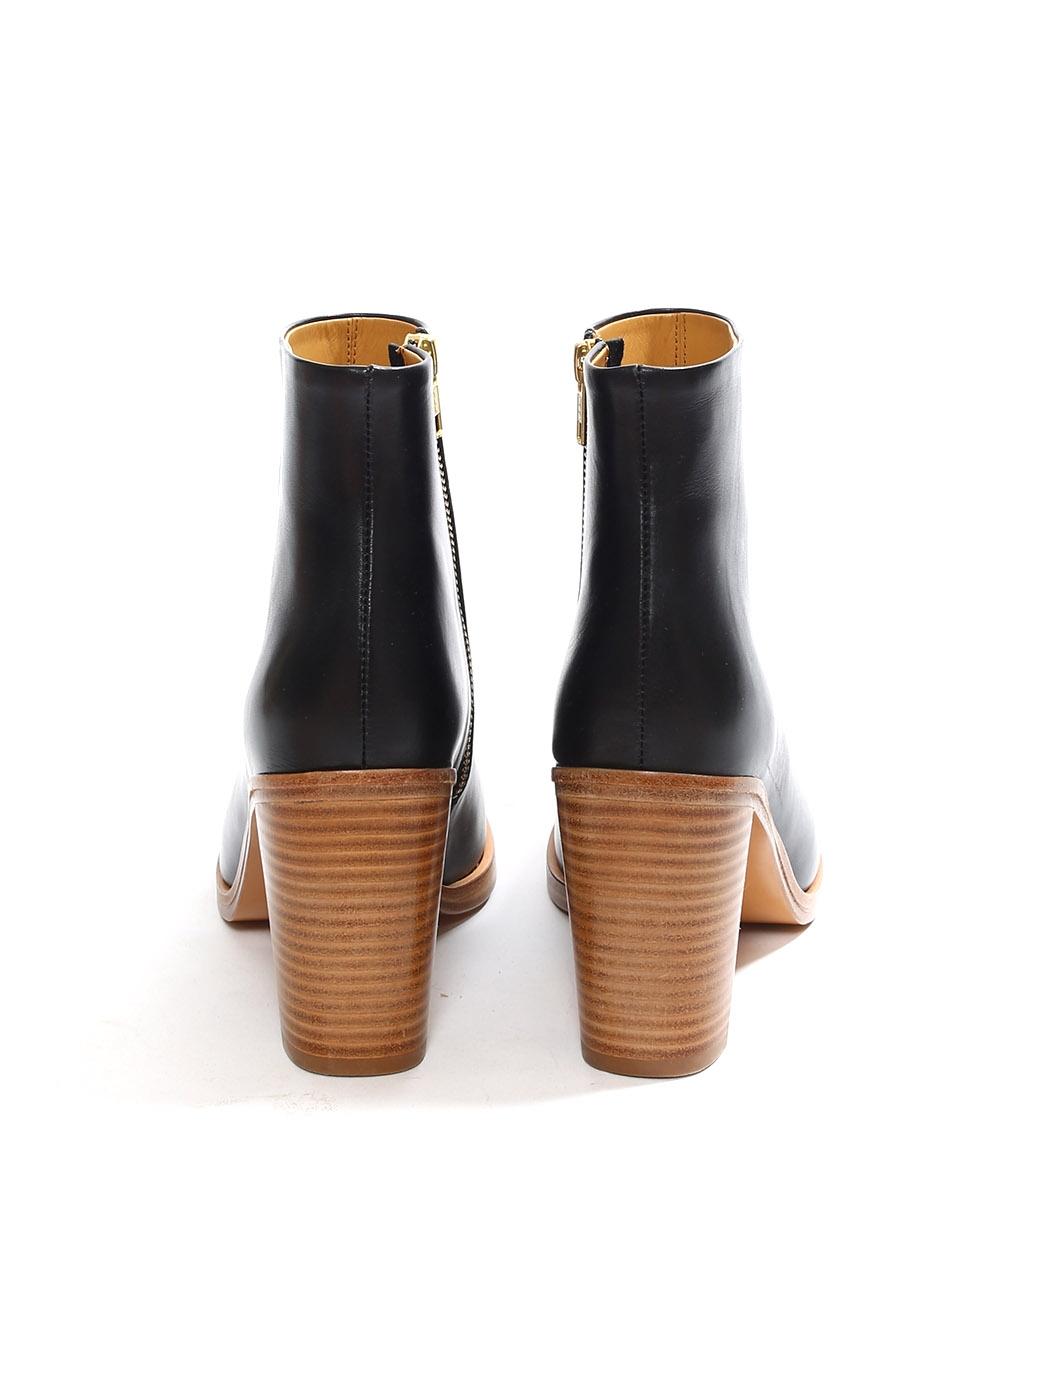 Louise Paris APC Bottines boots Chic à talon en cuir noir